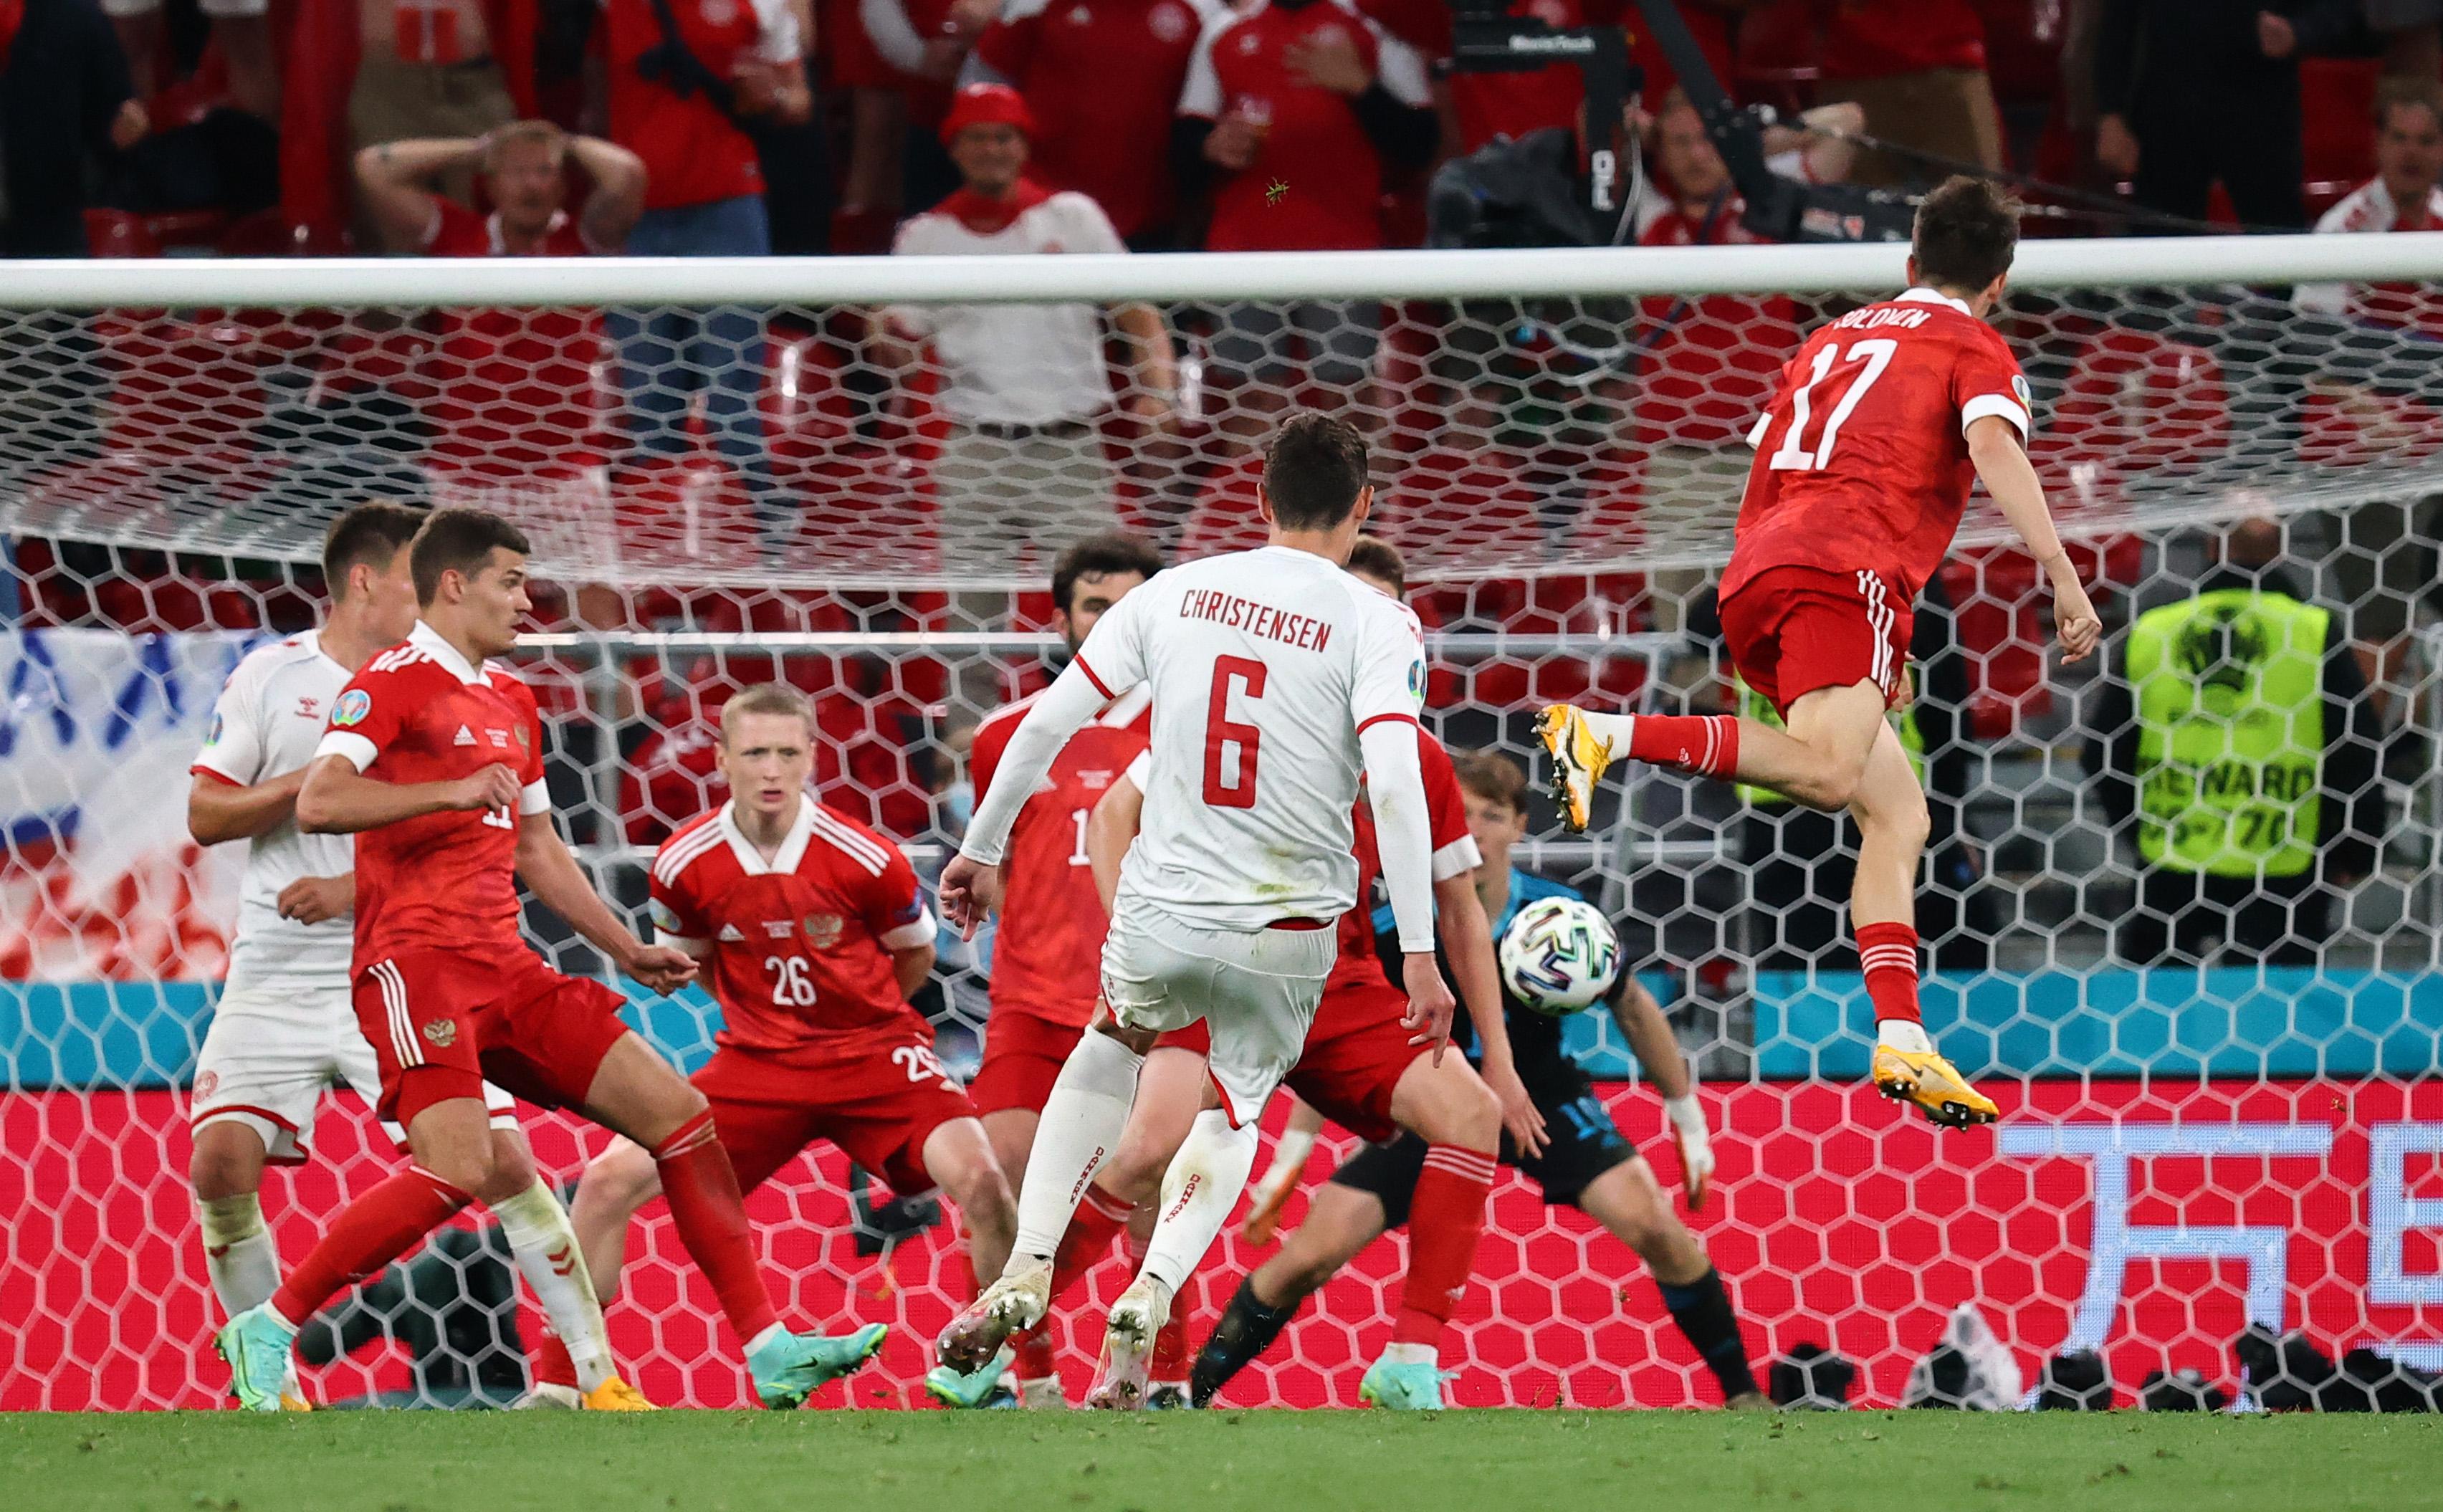 Soccer Football - Euro 2020 - Group B - Russia v Denmark - Parken Stadium, Copenhagen, Denmark - June 21, 2021 Denmark's Andreas Christensen scores their third goal Pool via REUTERS/Wolfgang Rattay